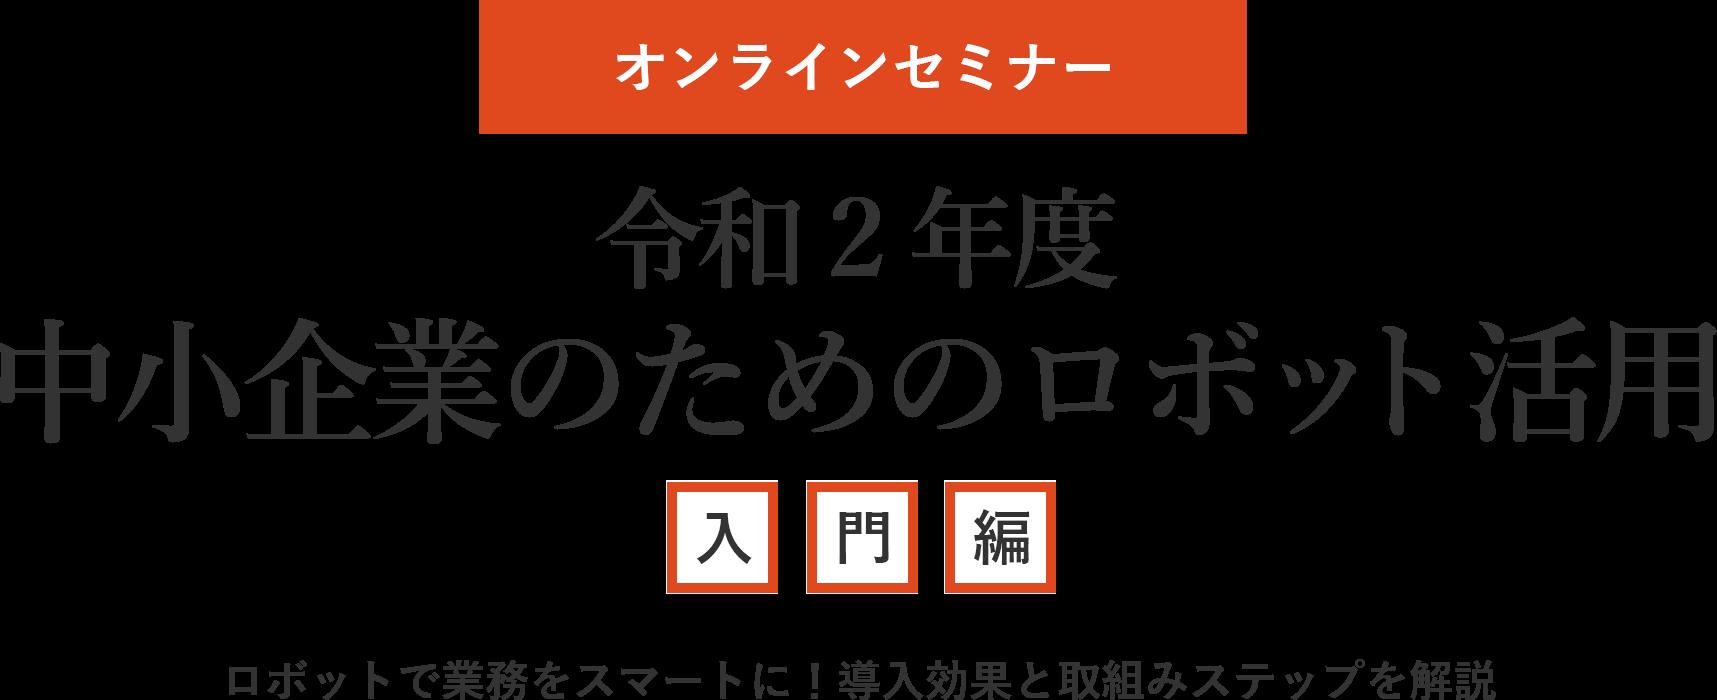 【オンラインセミナー】中小企業のためのロボット活用~入門編~